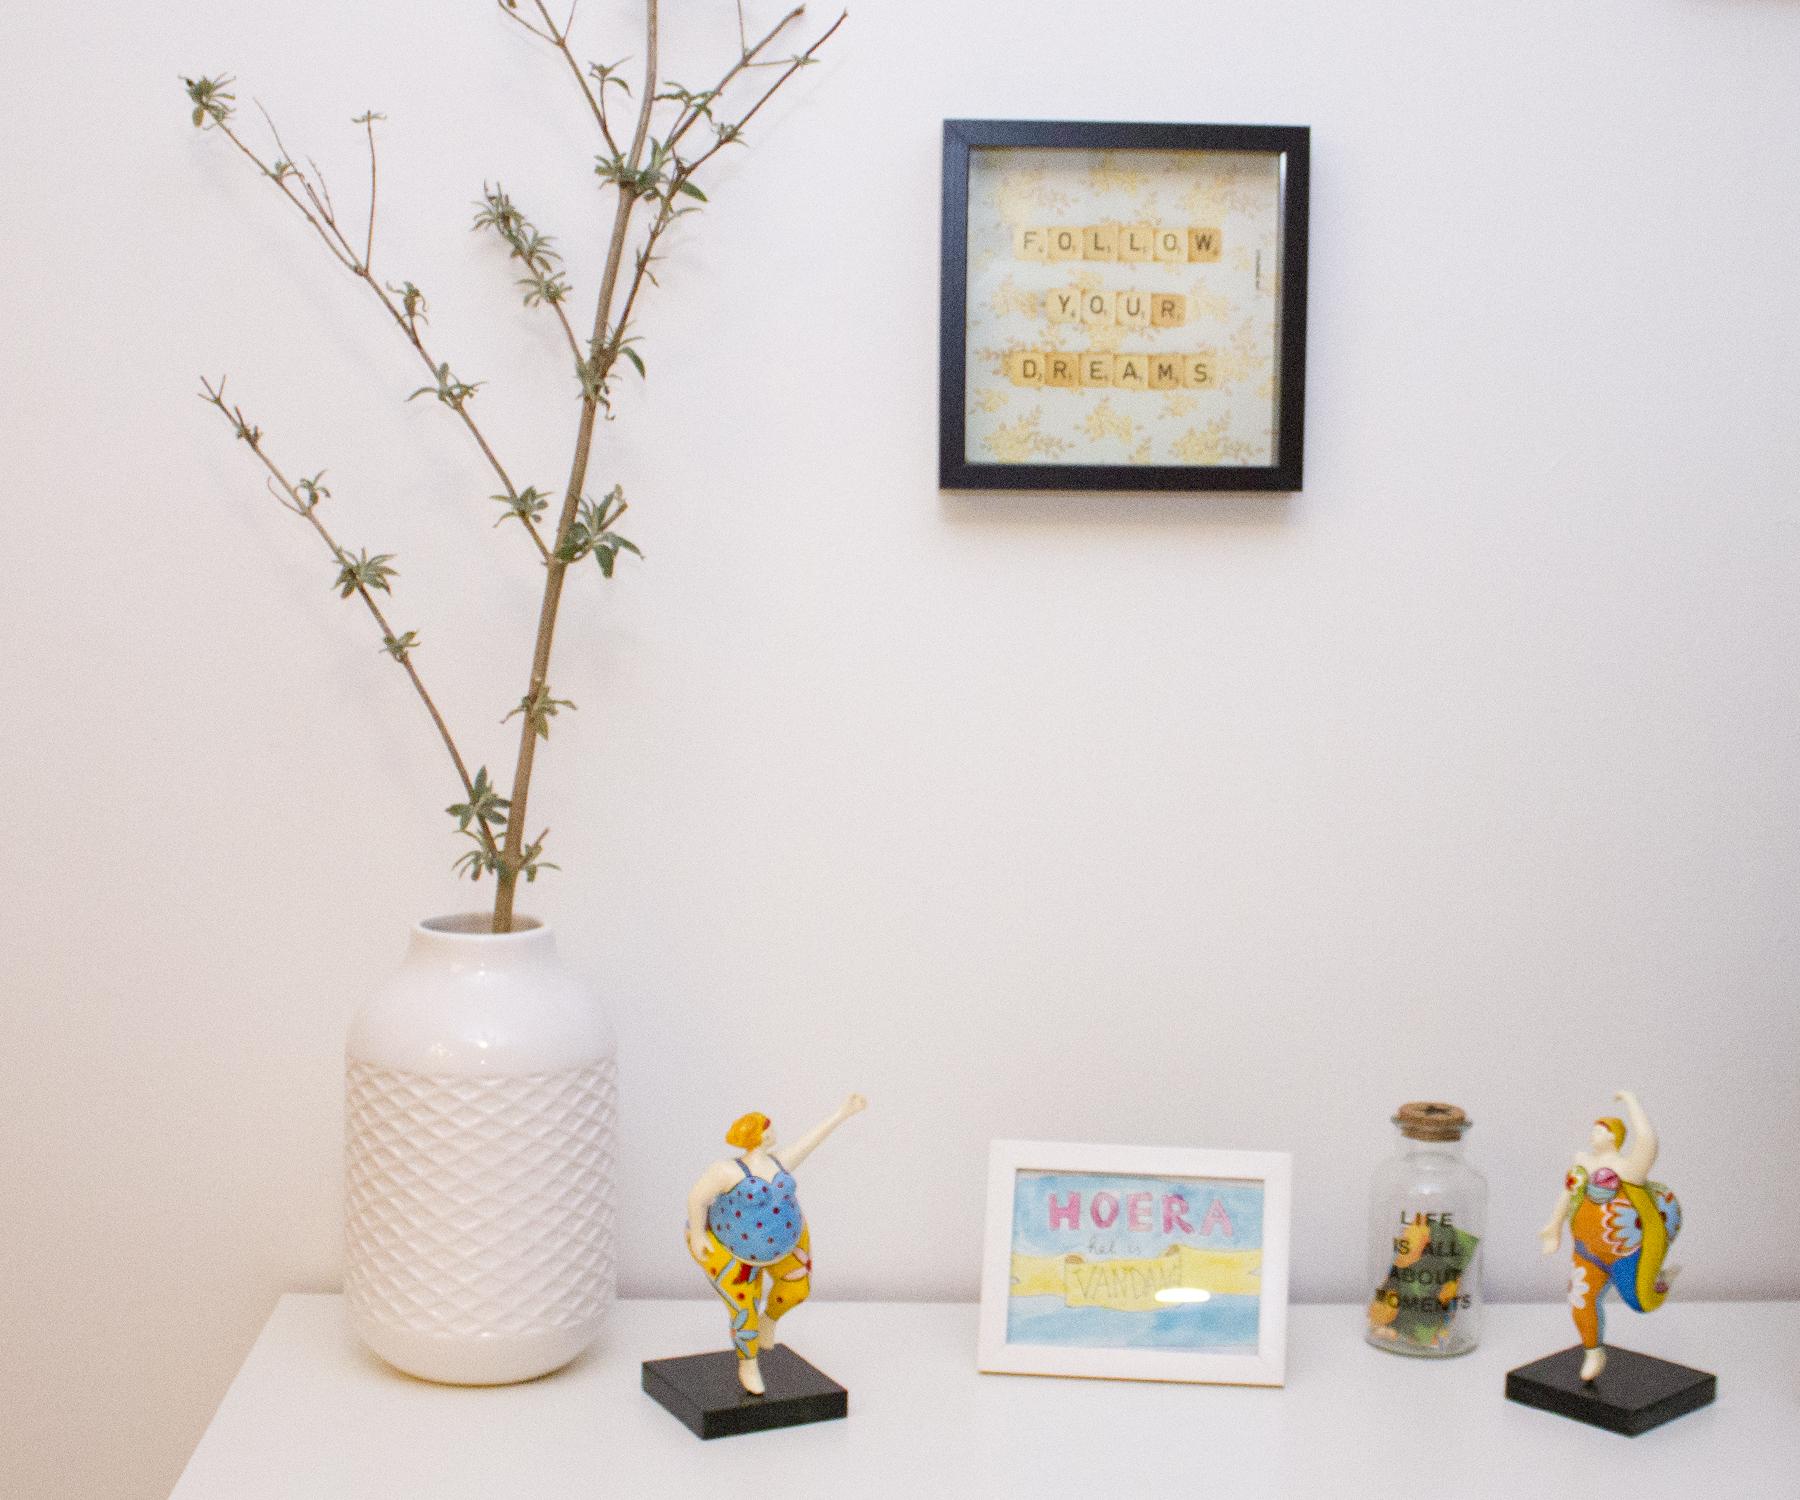 goedkope decoratie in huis gebruik snoeirestjes ohlalau